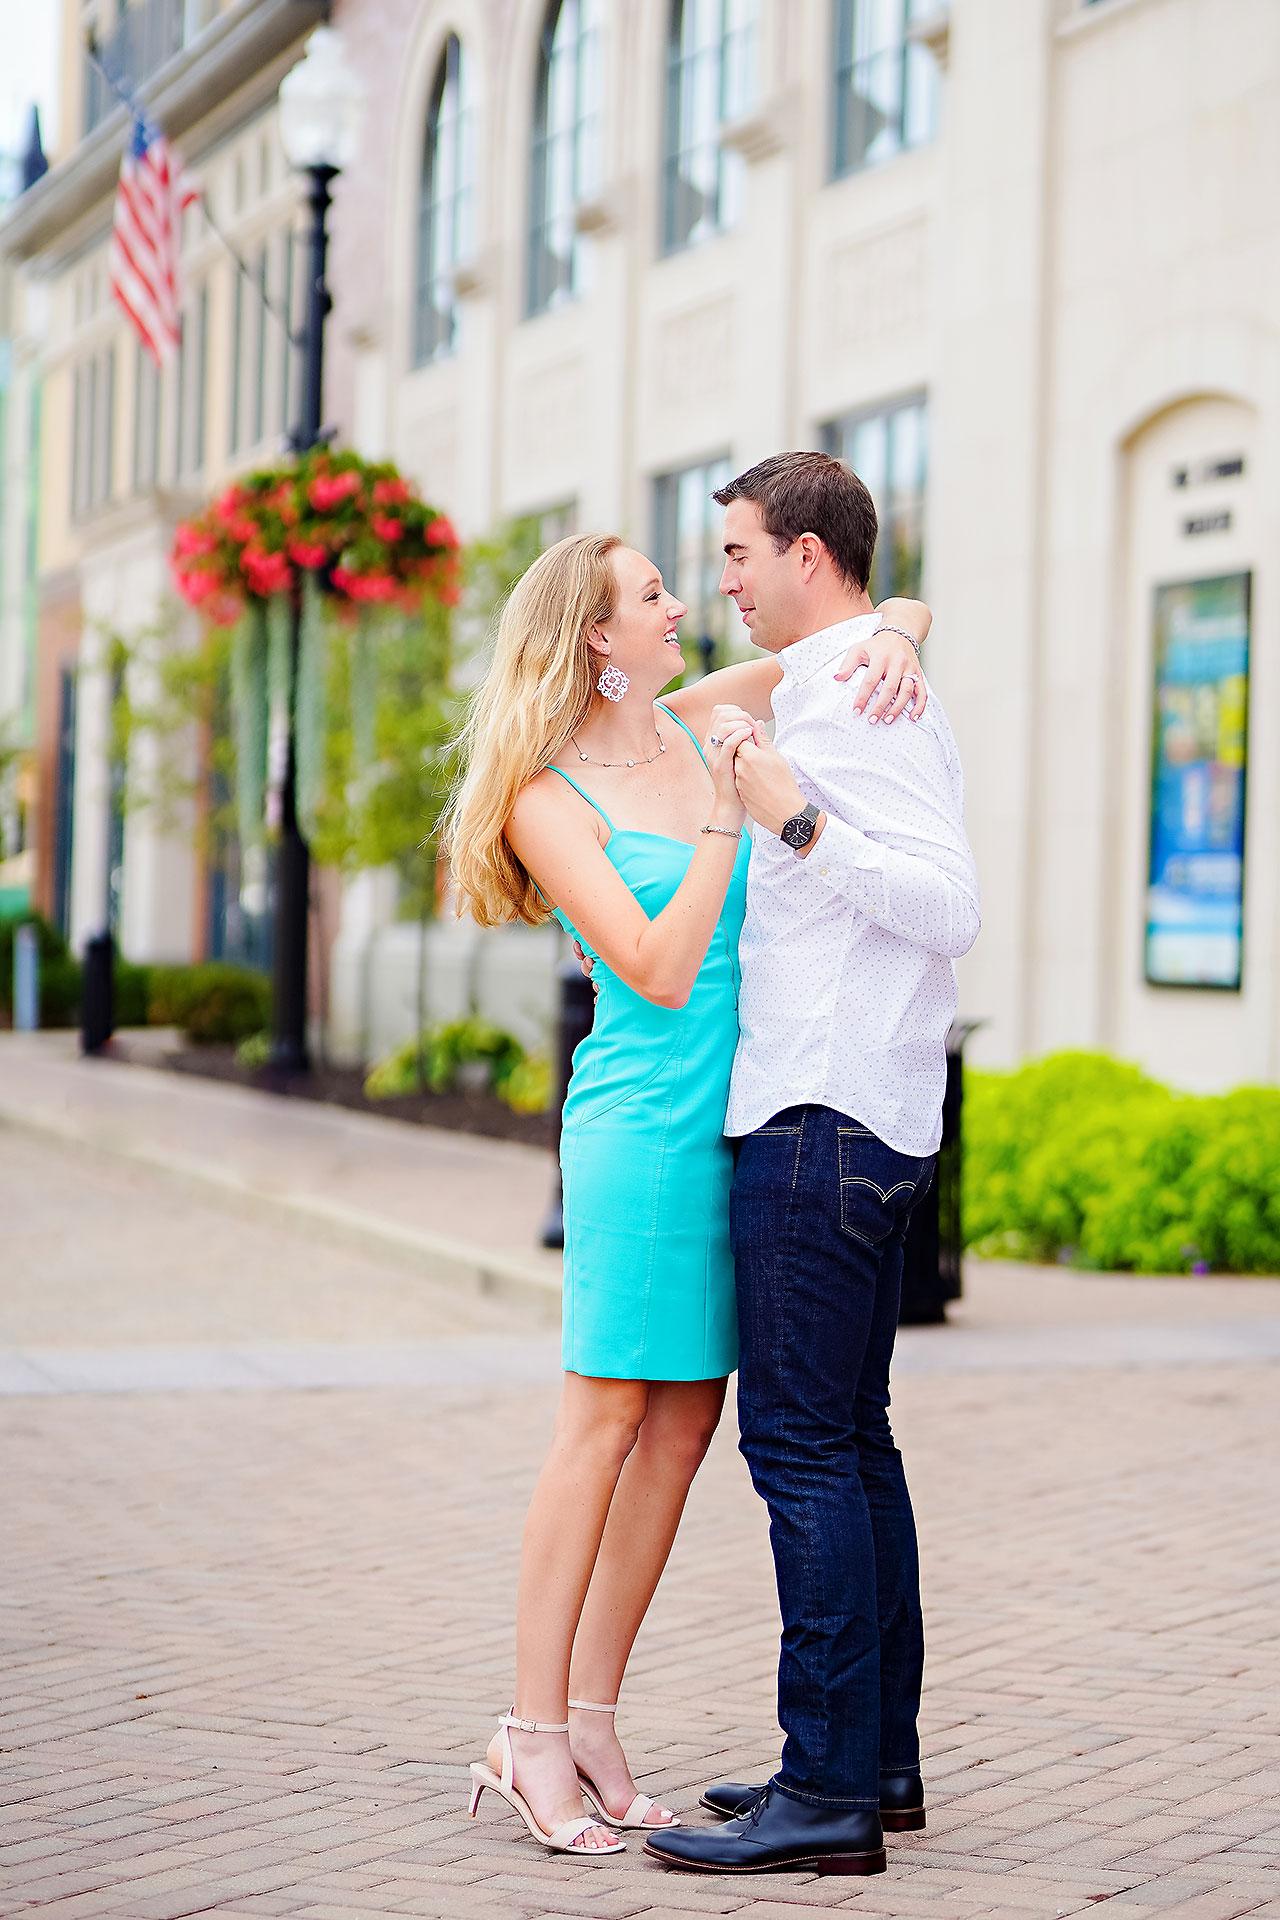 Liz Zach Midtown Carmel Engagement Session 105